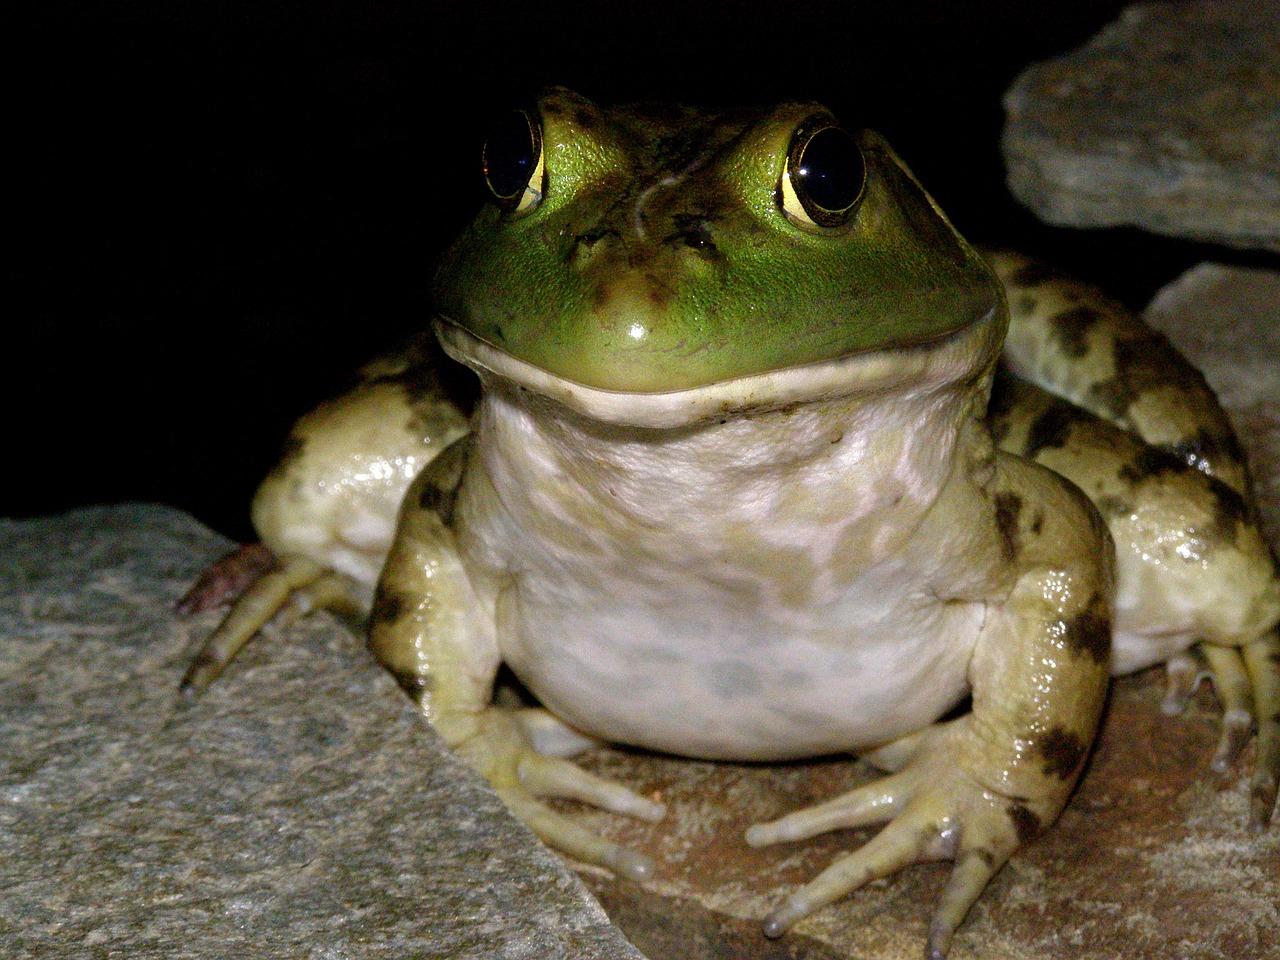 них картинка обиженная лягушка радиусными